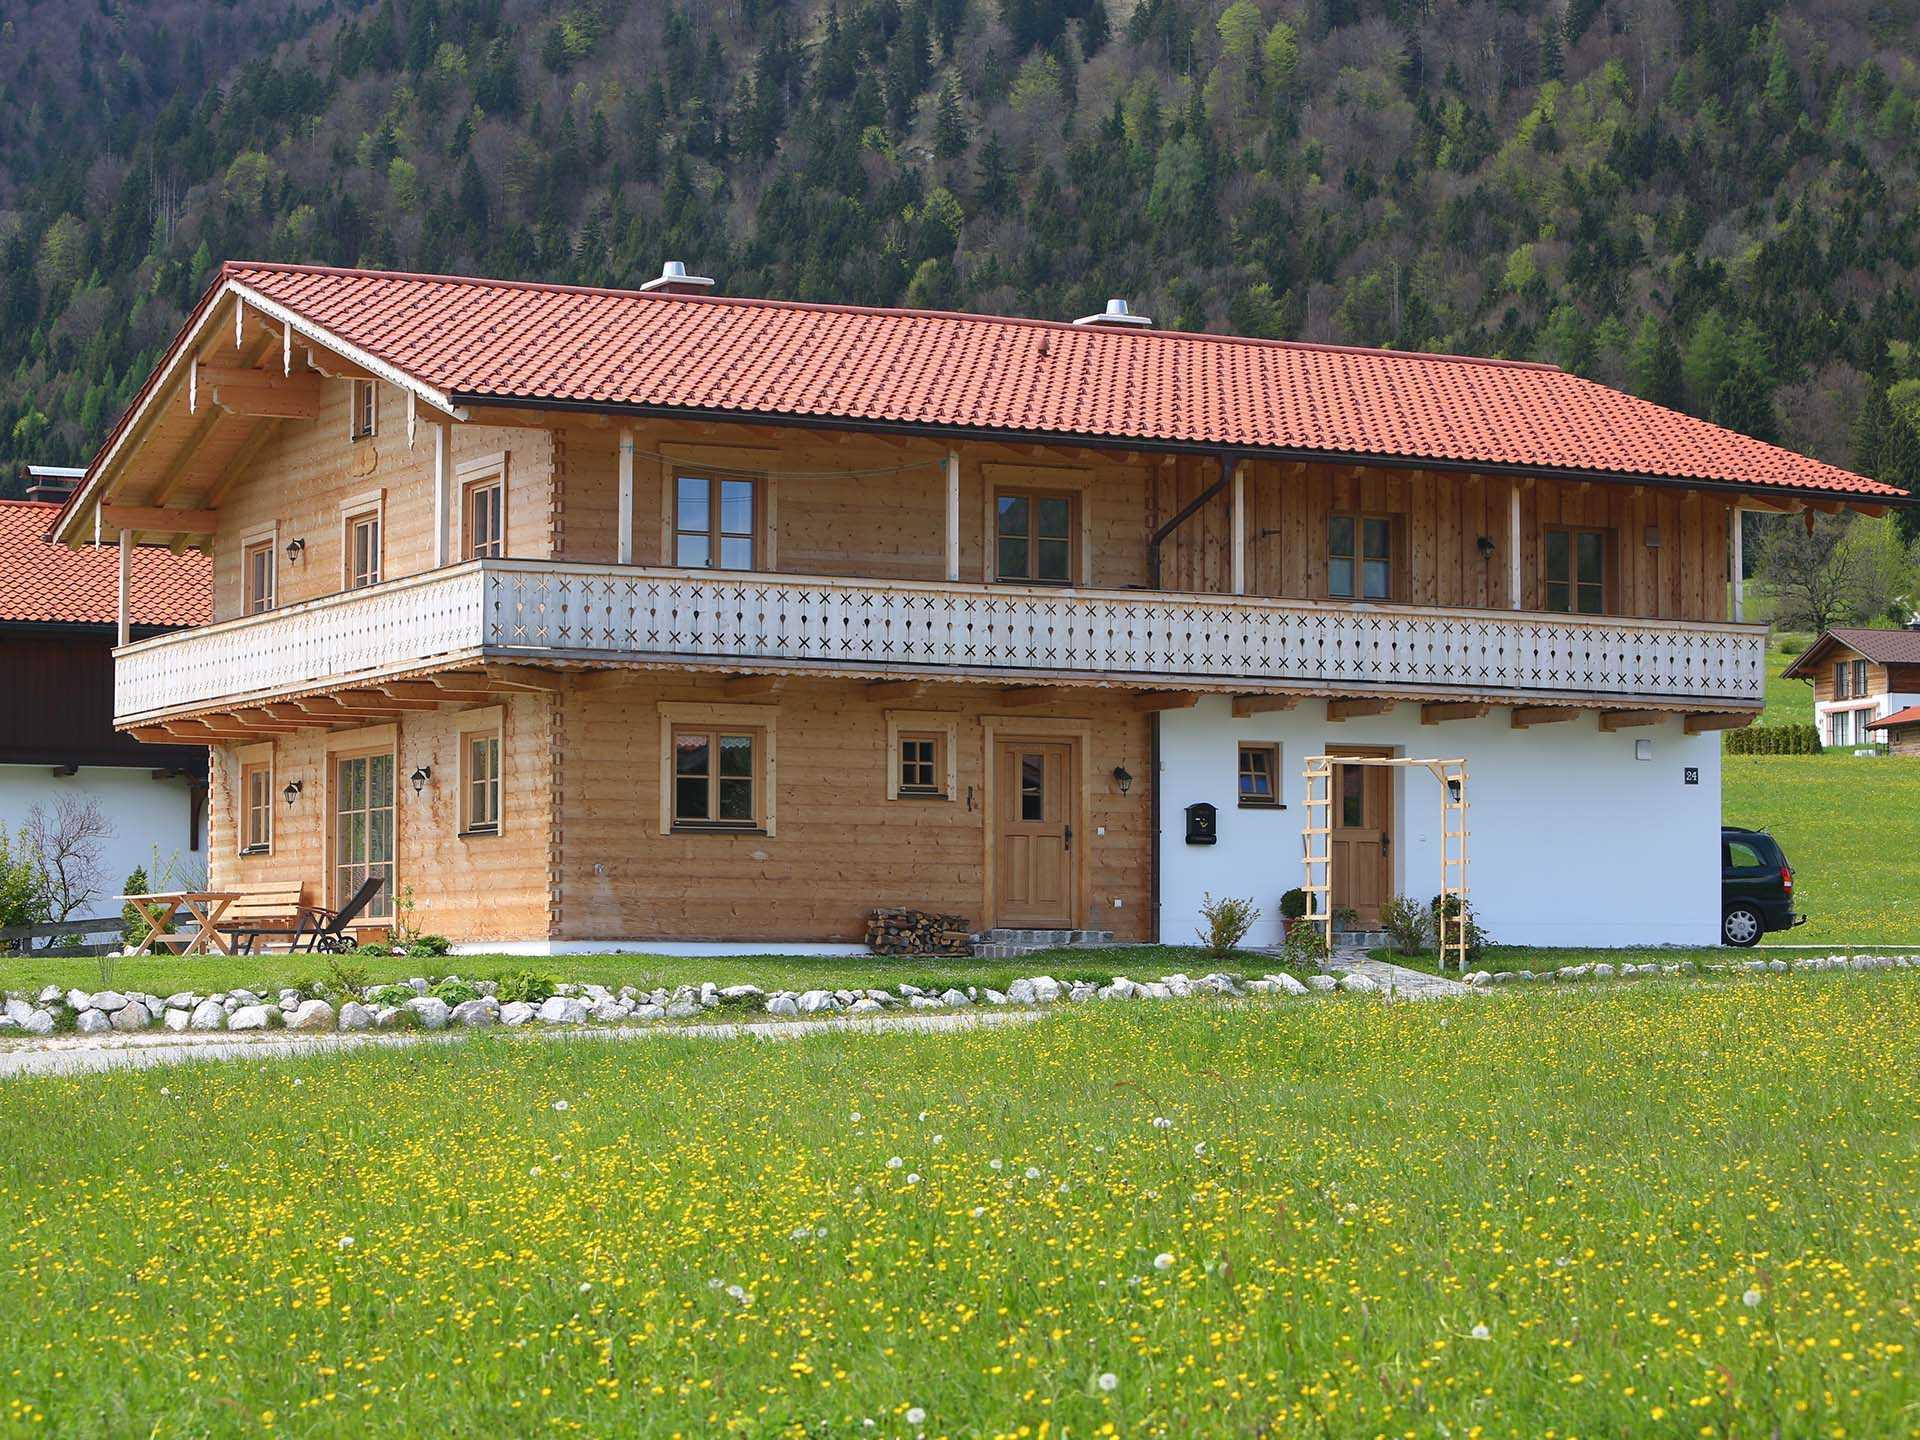 Chiemgauer Holzhaus blockhaus berchtesgaden chiemgauer holzhaus